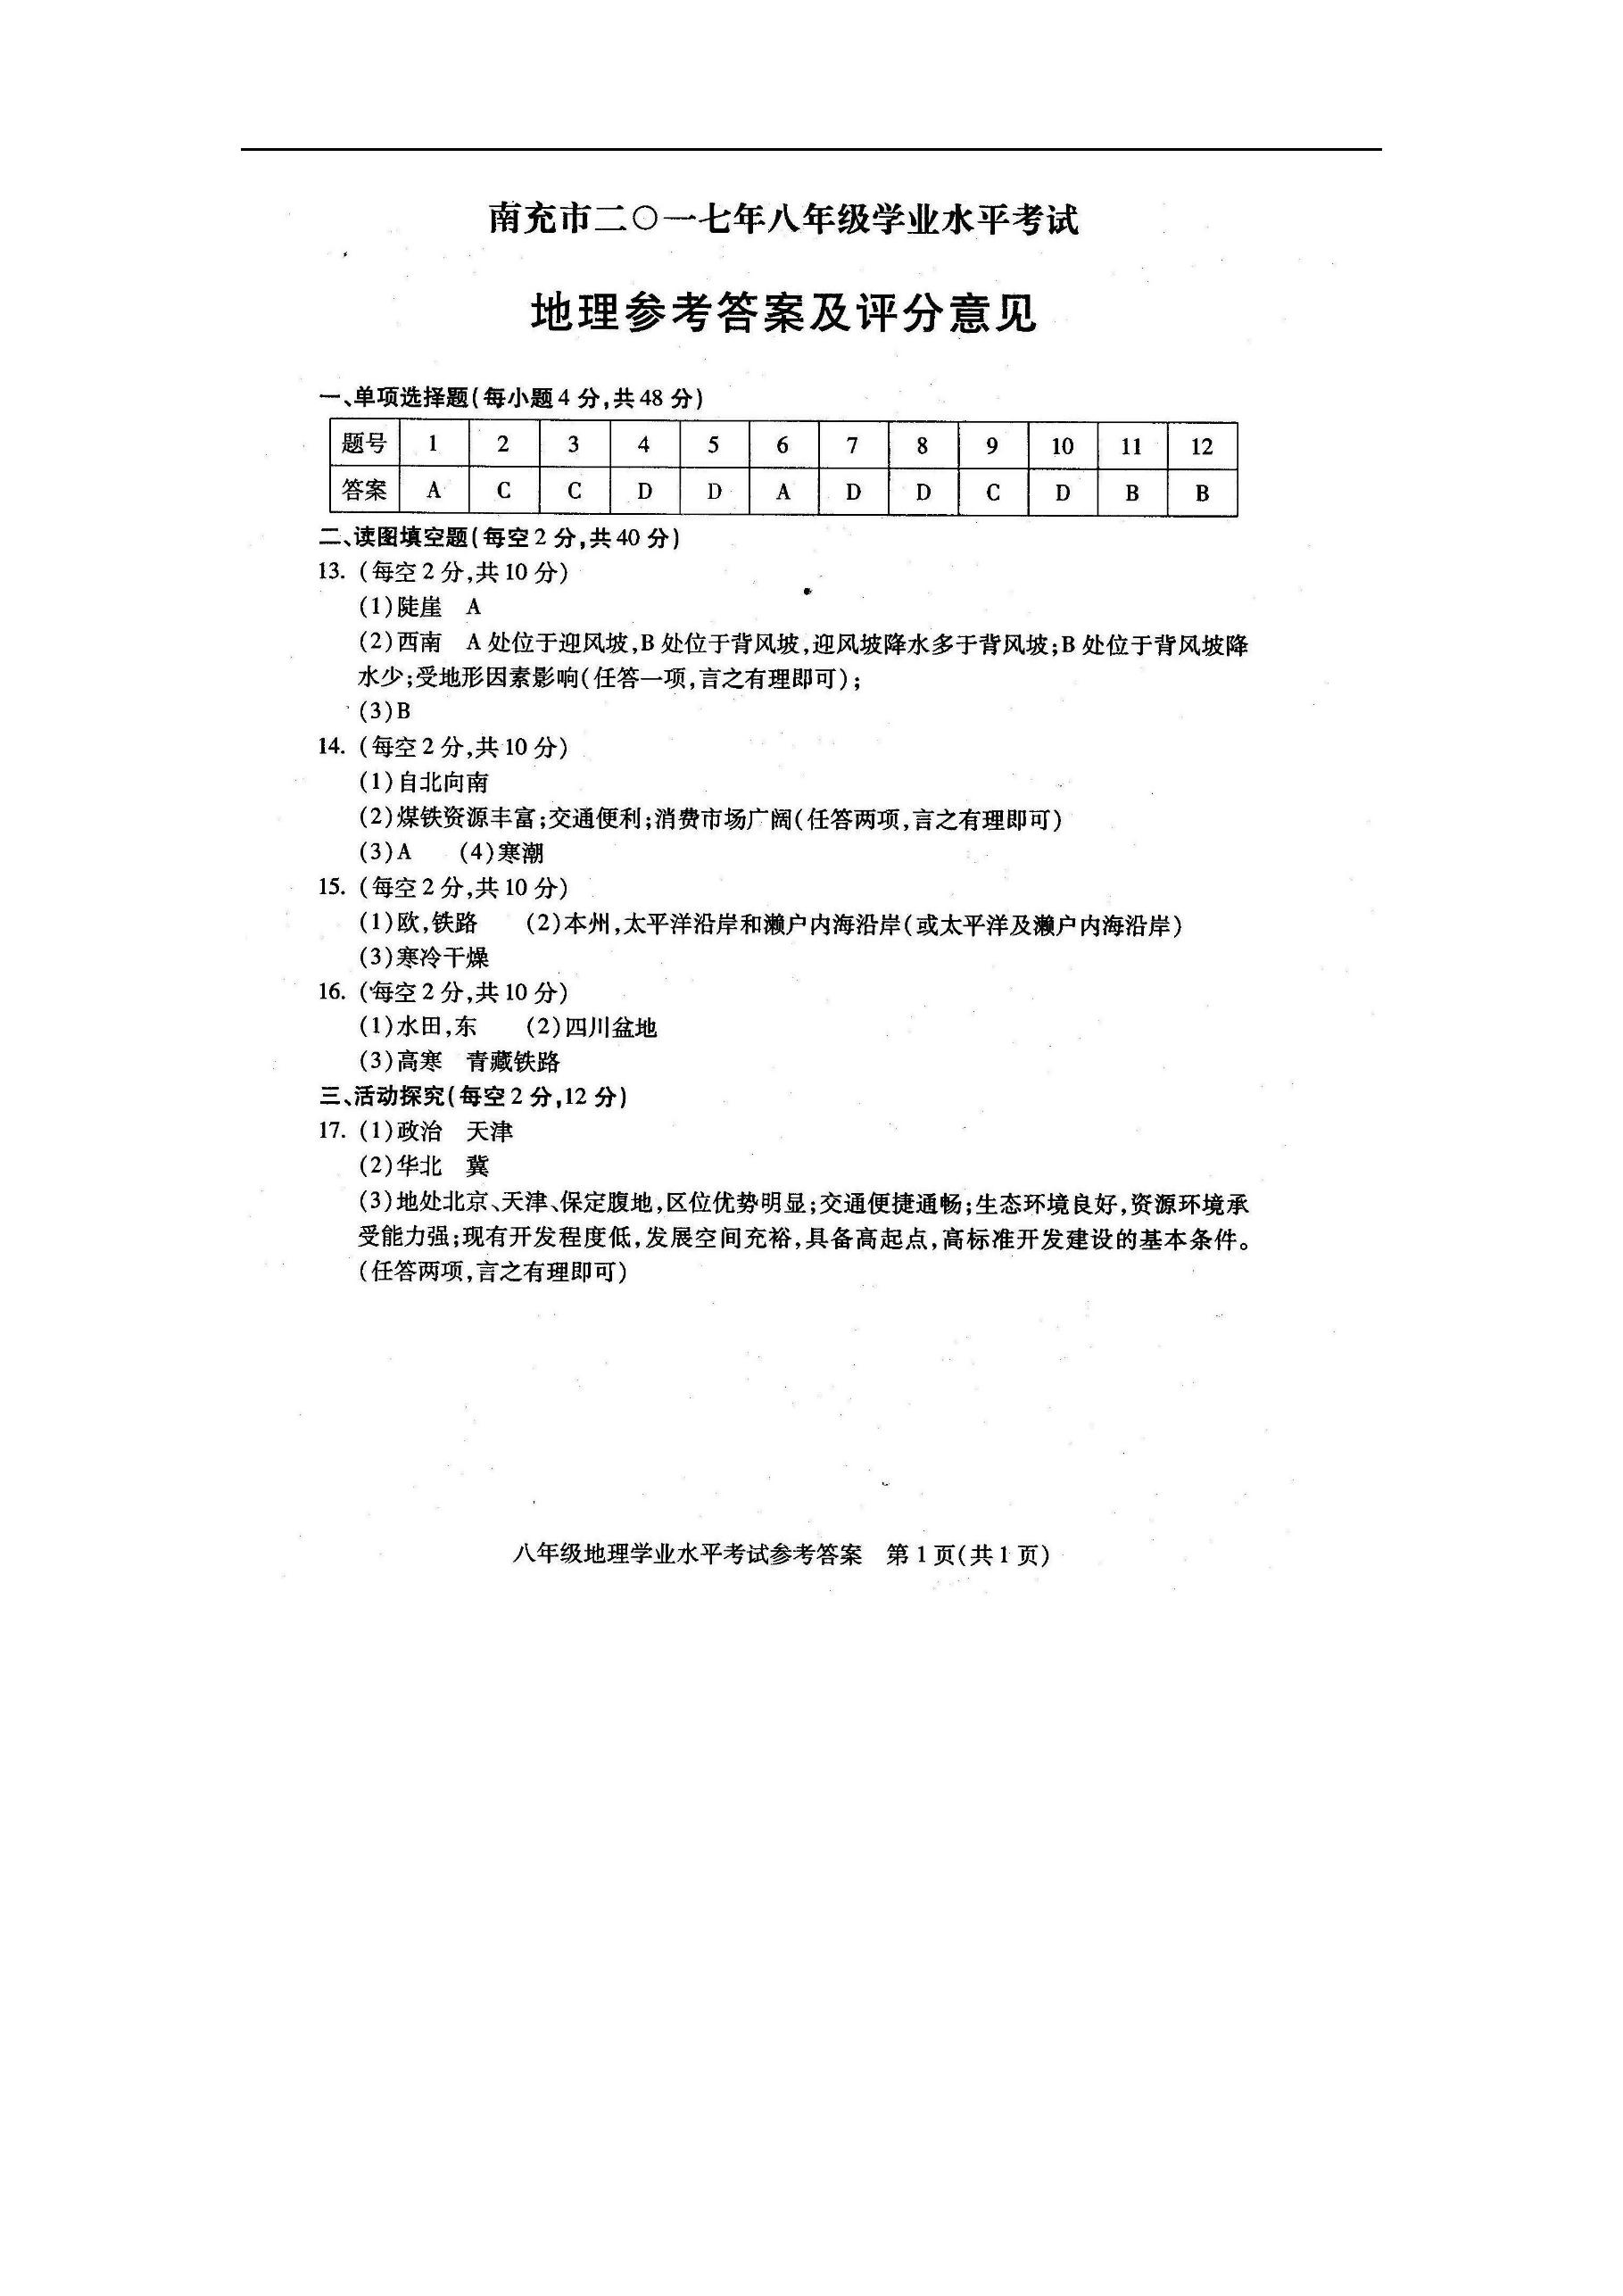 2017年四川南充中考地理答案(图片版)